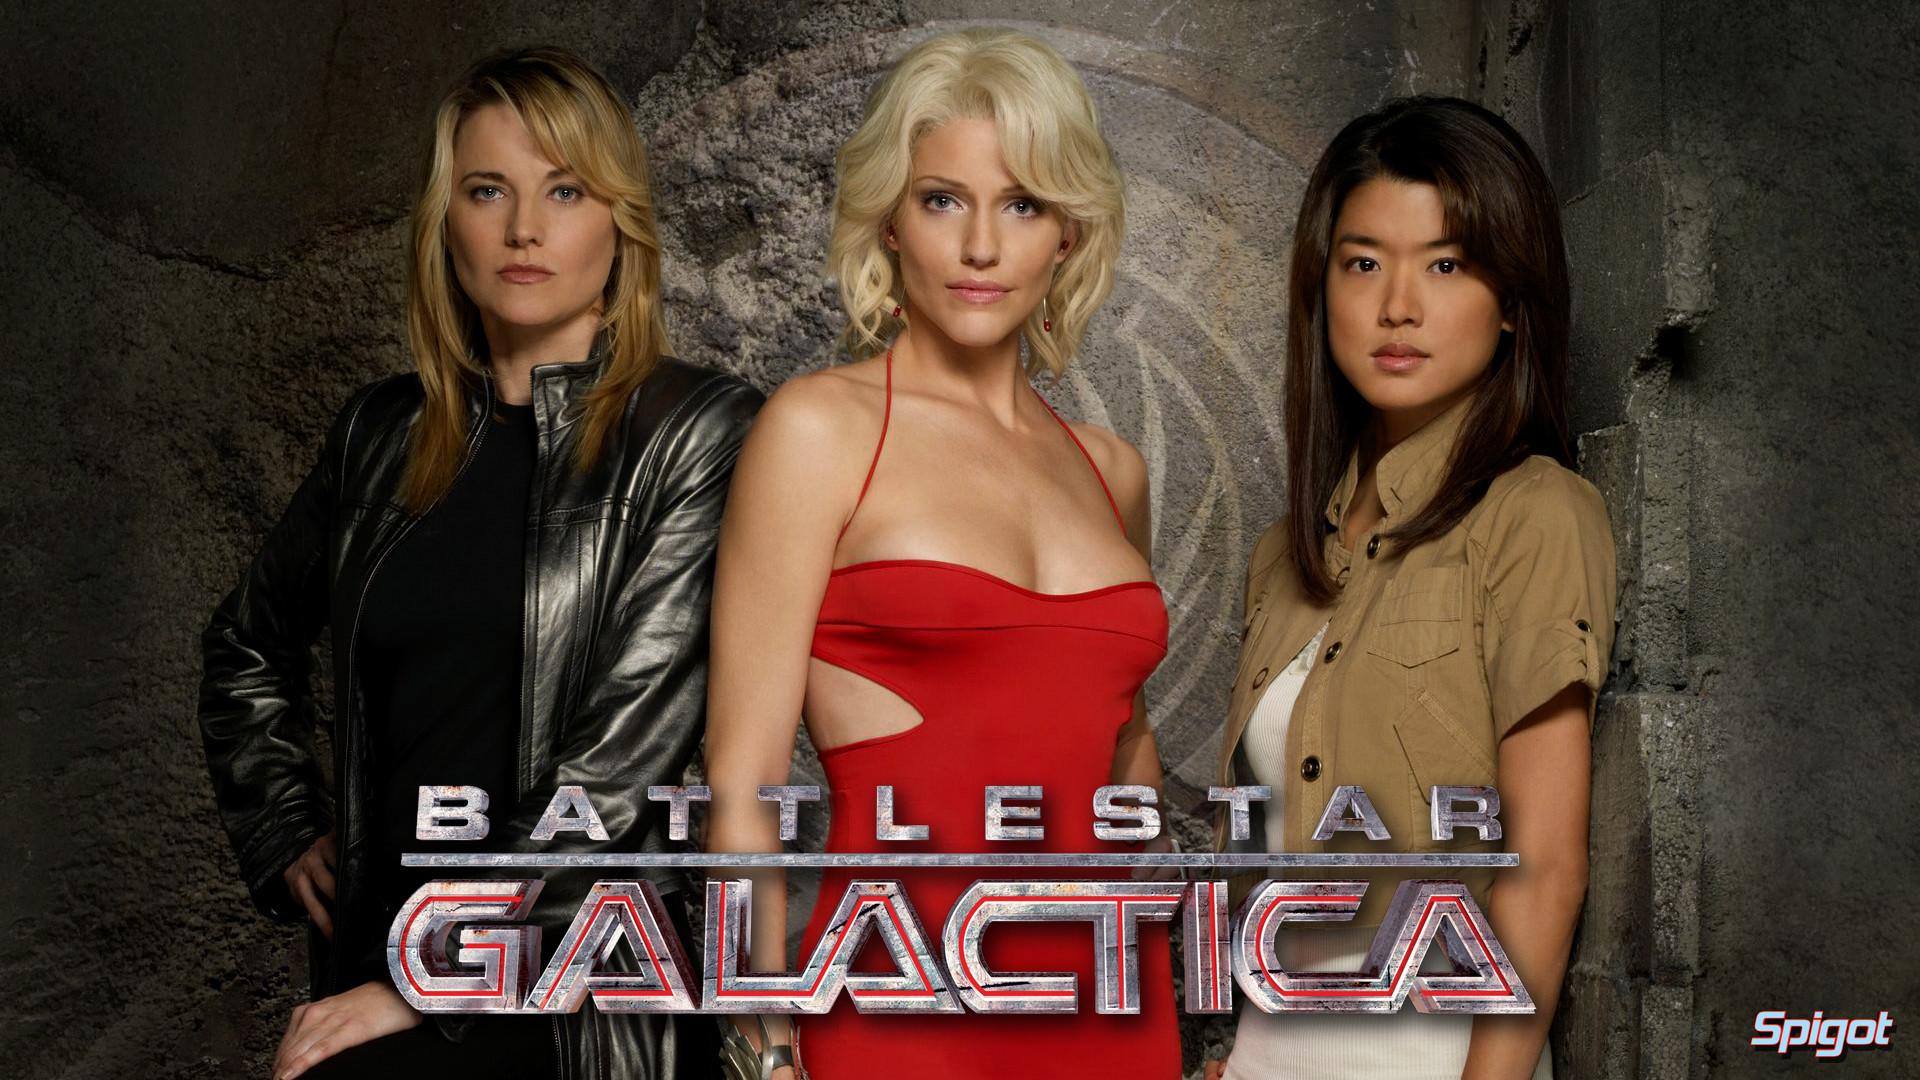 Another Battlestar Galactica Wallpaper